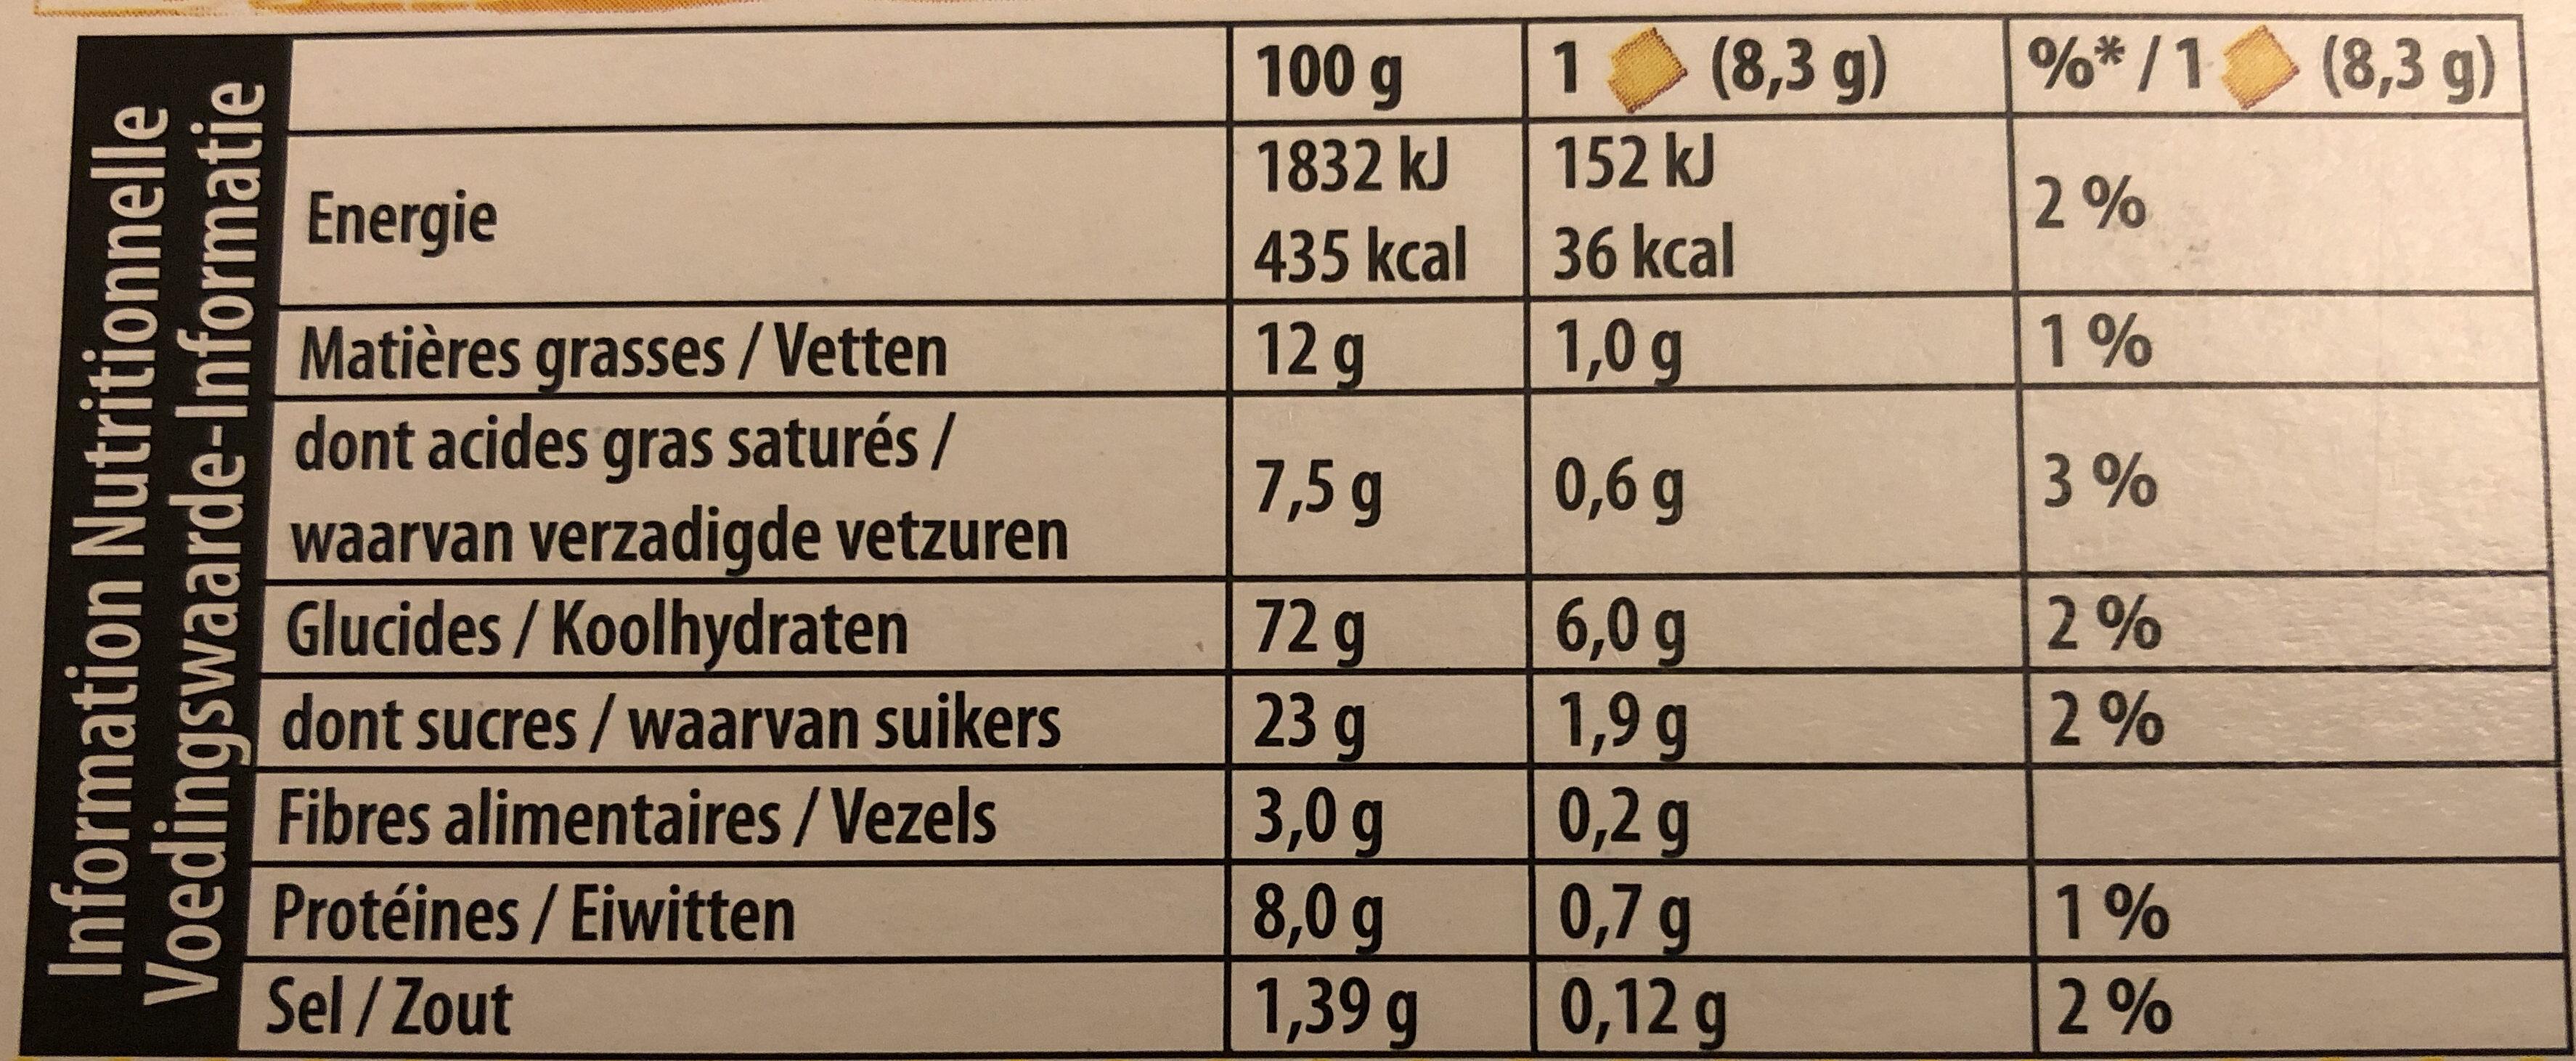 Veritable petit beurre - Informations nutritionnelles - fr